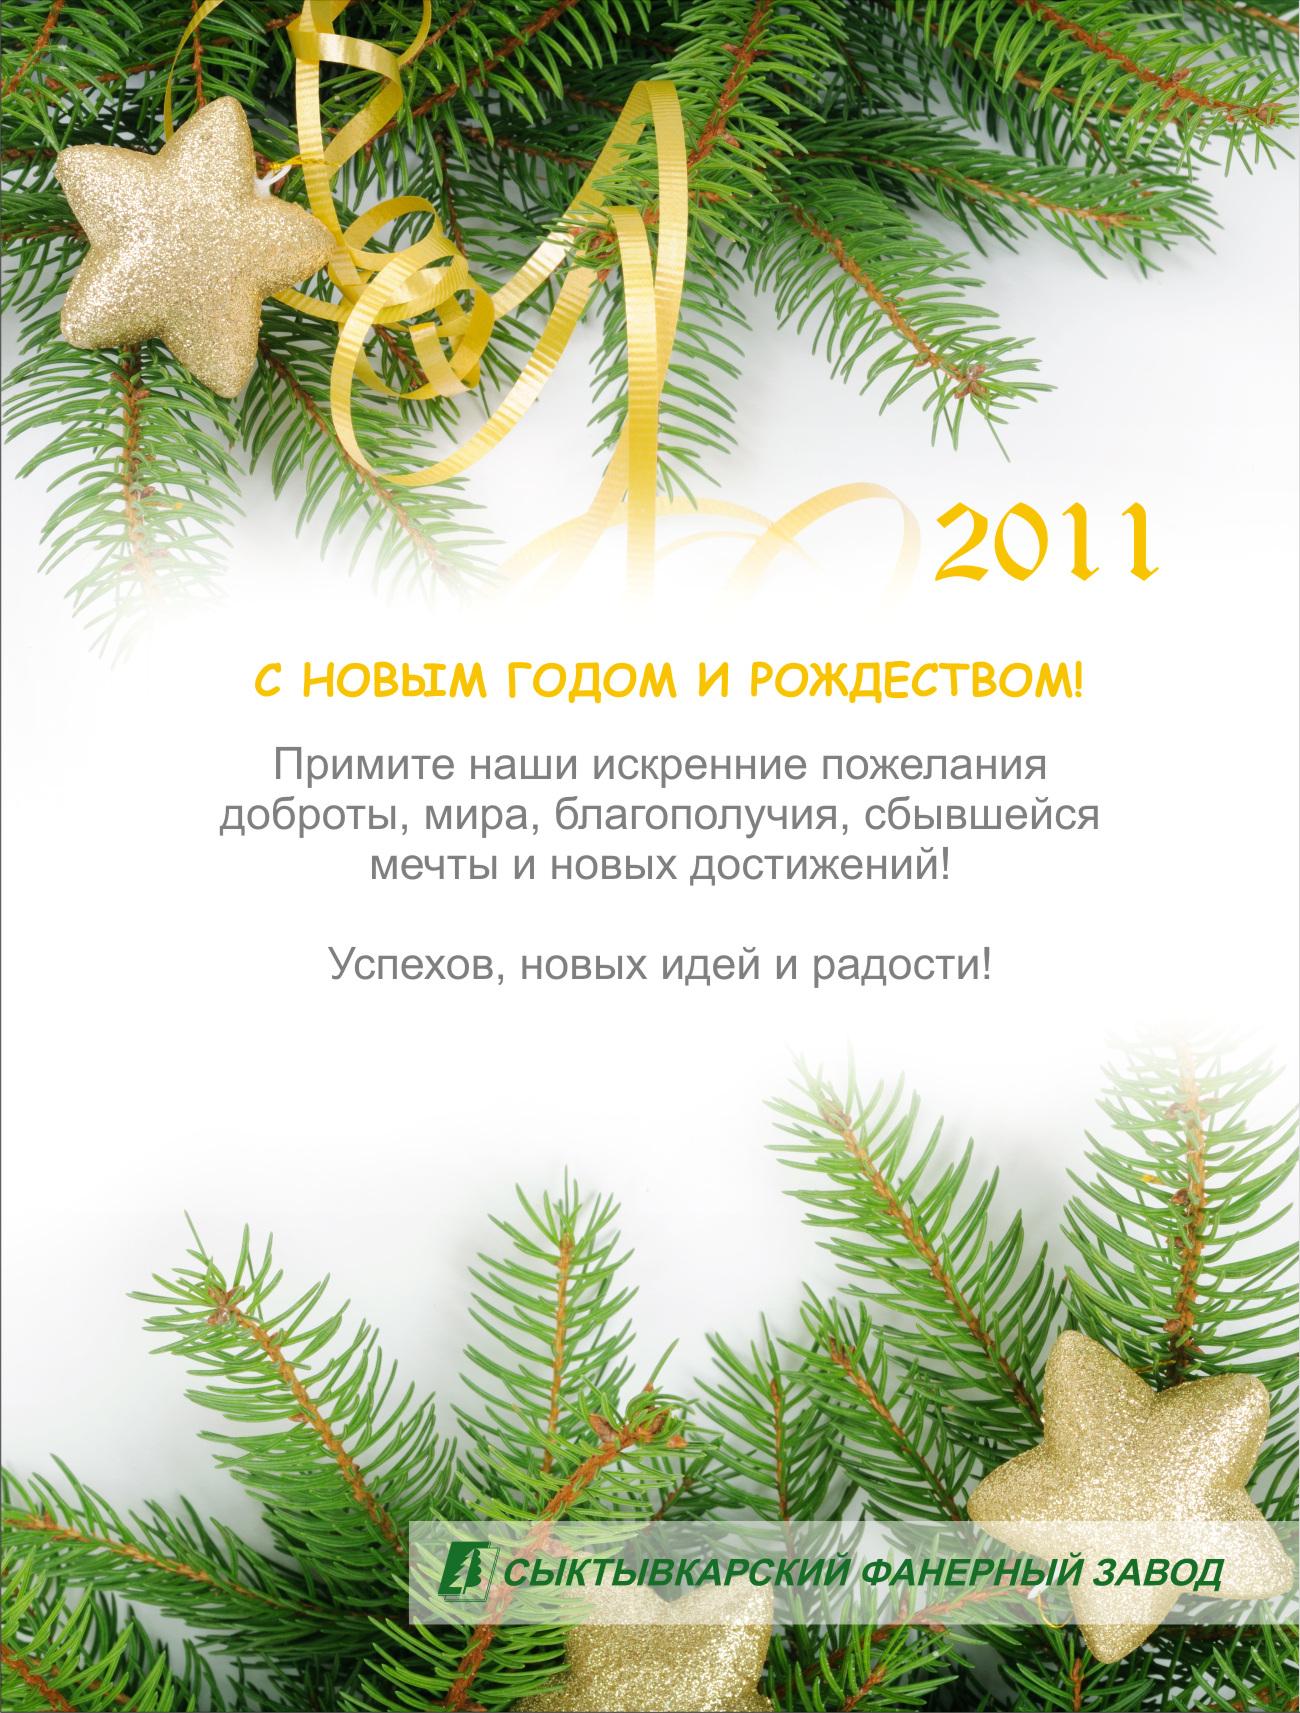 Поздравления с новым годомновый год 2010